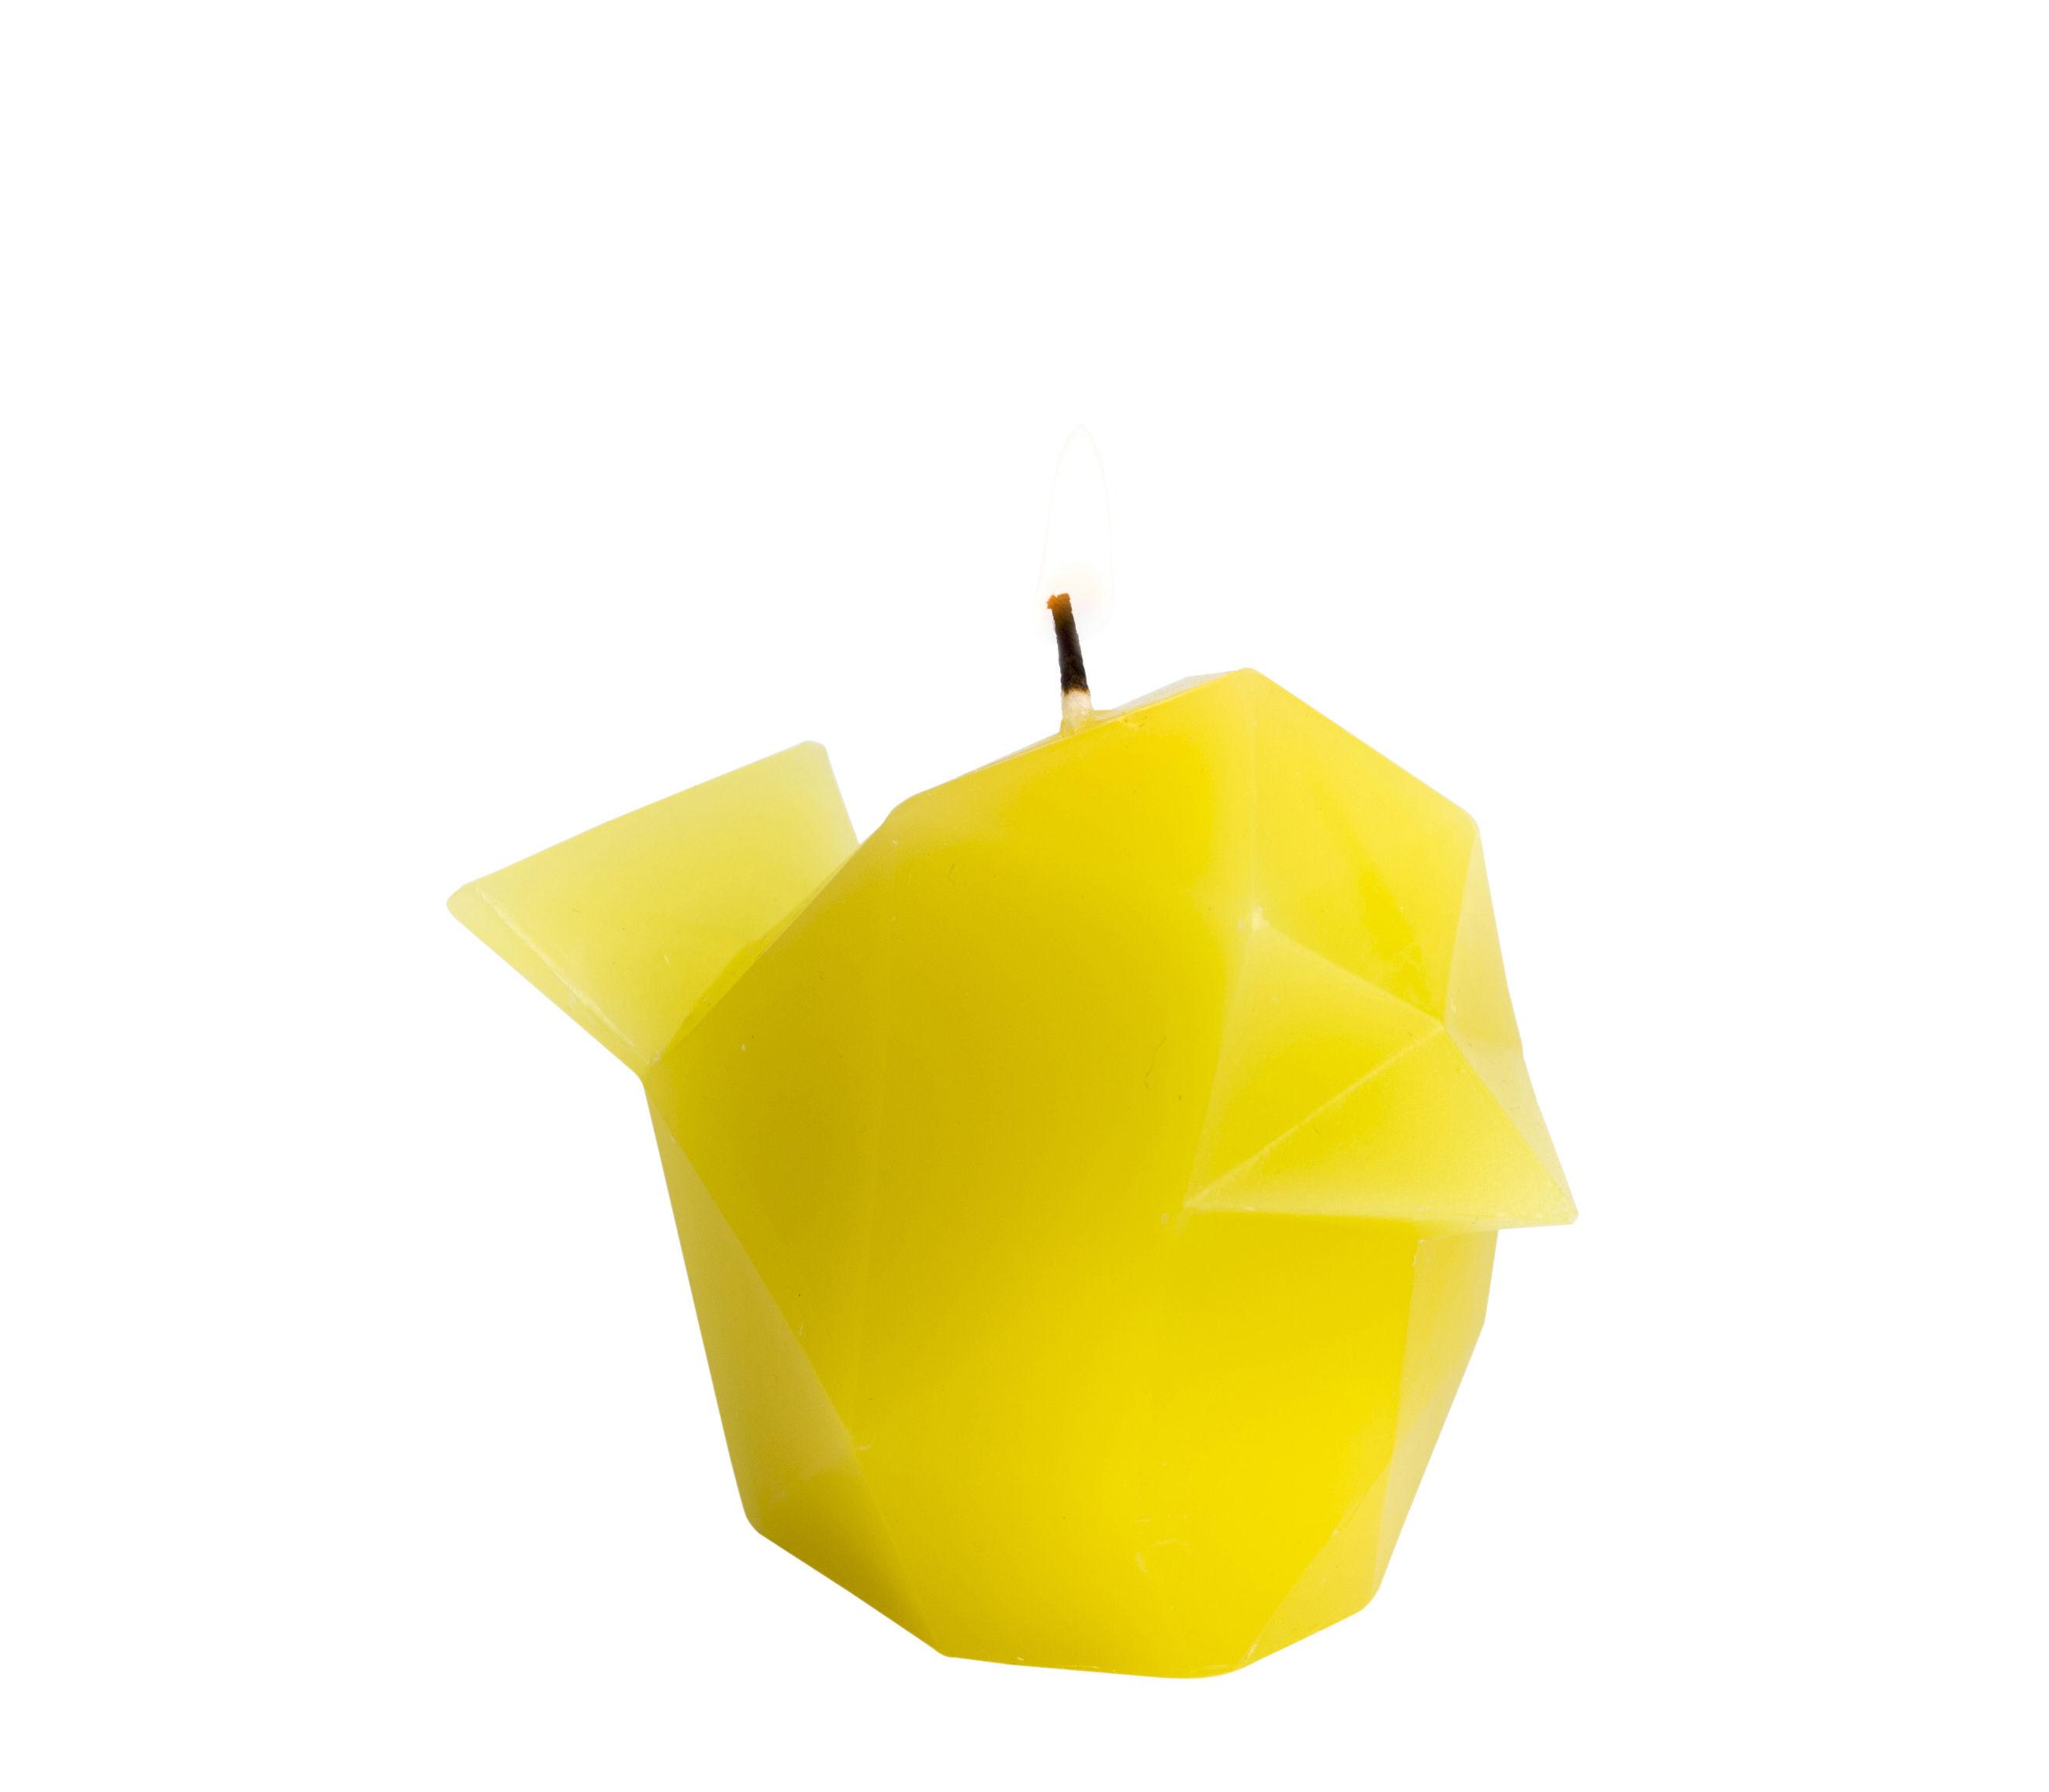 Interni - Candele, Portacandele, Lampade - Candela Pyro Pet Bibi - / Canarino - Struttura in metallo di Pa Design - Canarino / giallo - Alluminio, Cera